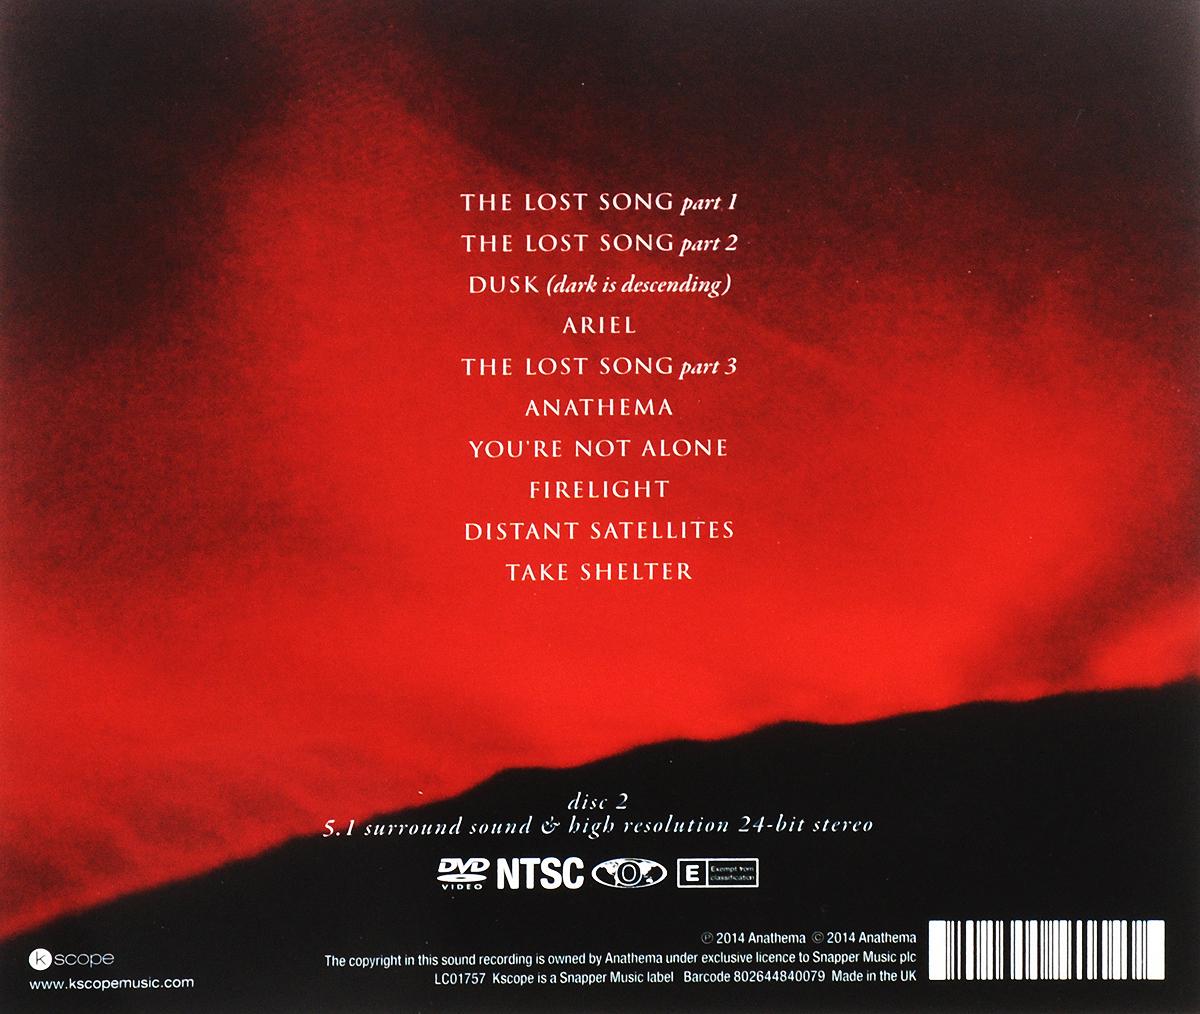 Anathema. Distant Satellites (CD + DVD) DVD 1: 01. The Lost Song Part 1 02. The Lost Song Part 2 03. Dusk...